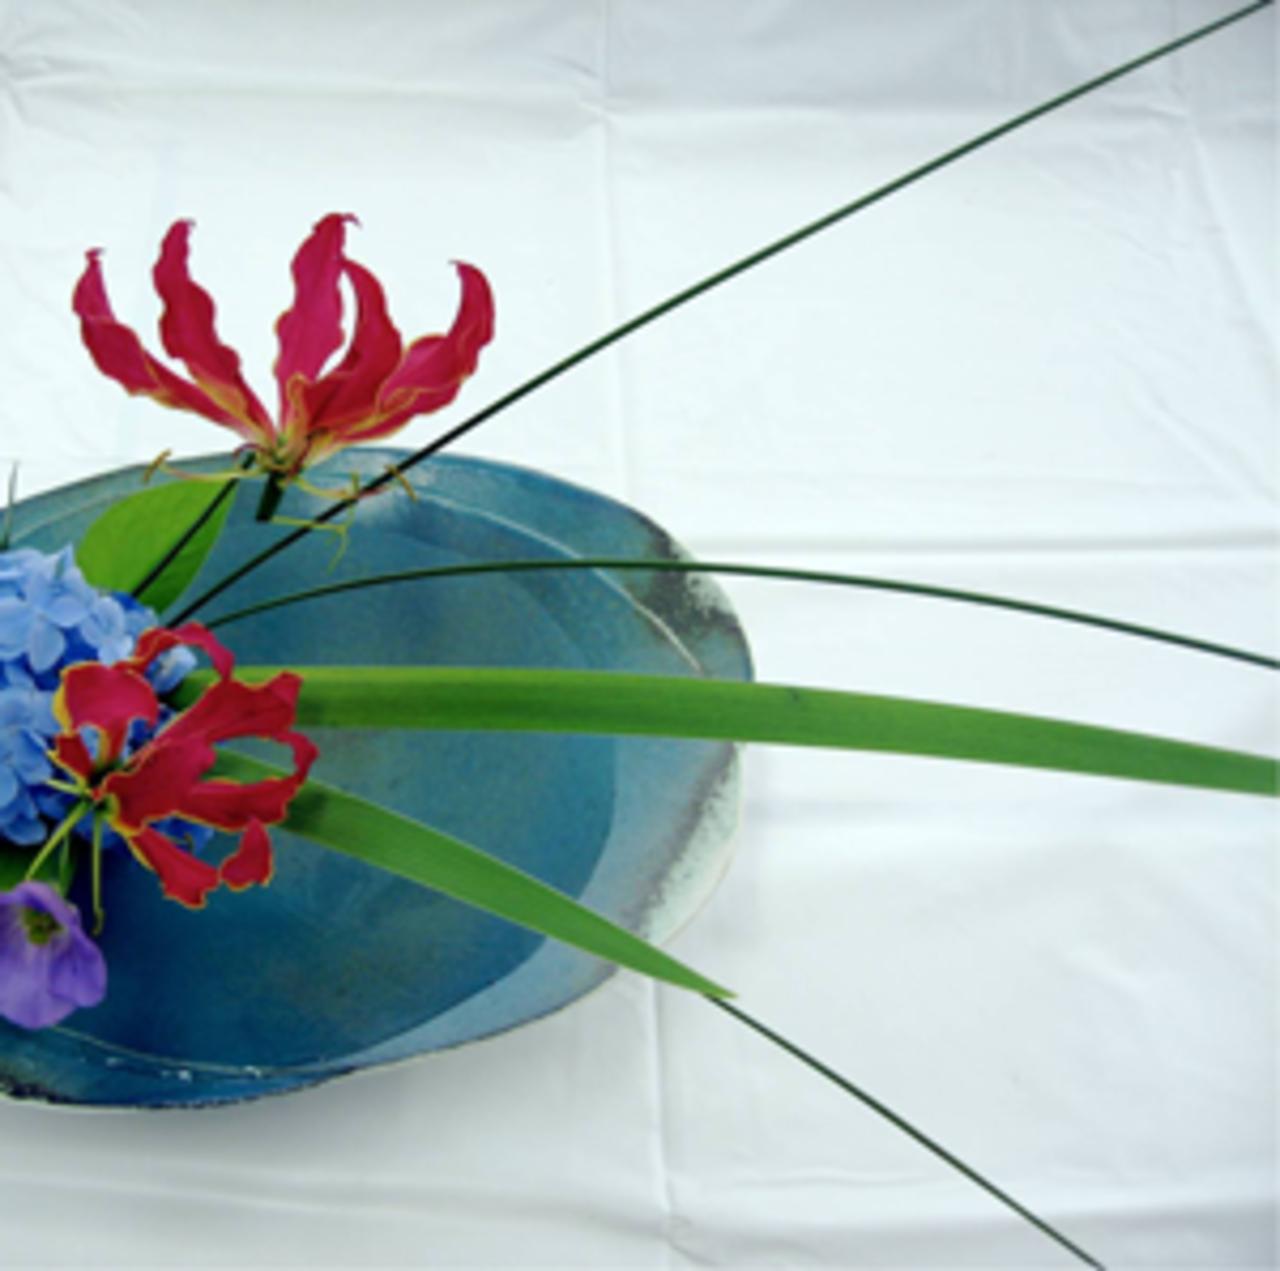 Kado ridgen ikebana the way of flowers event retreat guru kado ridgen ikebana the way of flowers sciox Gallery